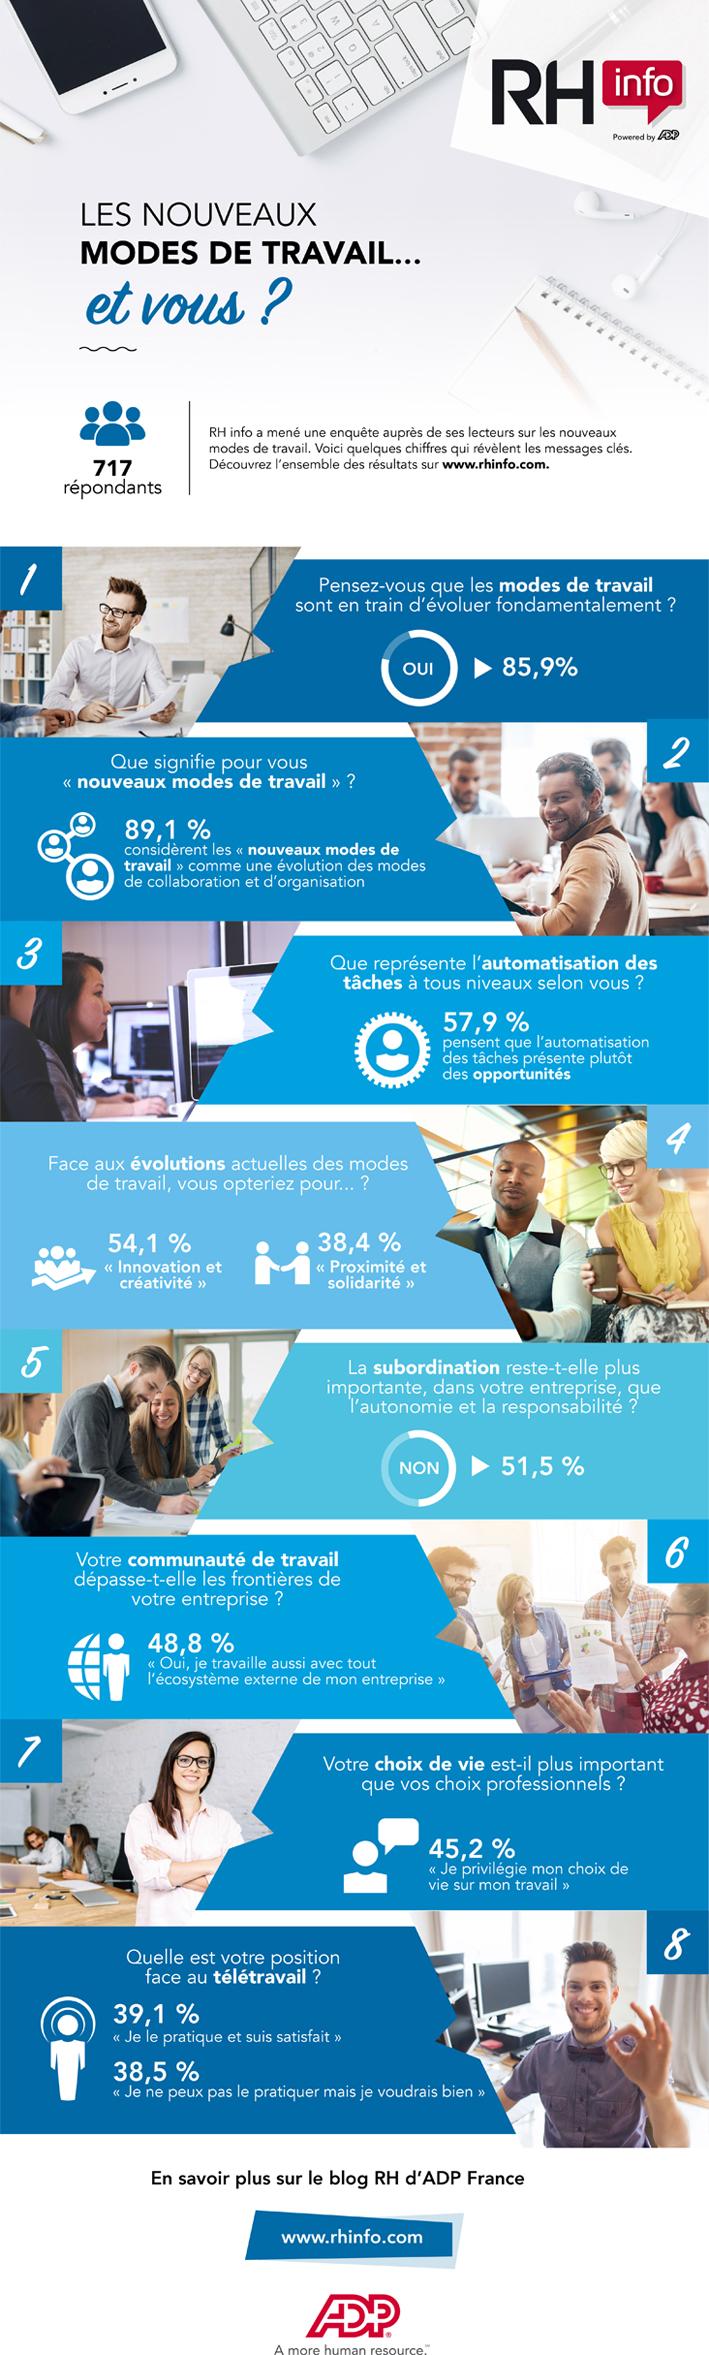 Infographie sur la perception des nouveaux modes de travail